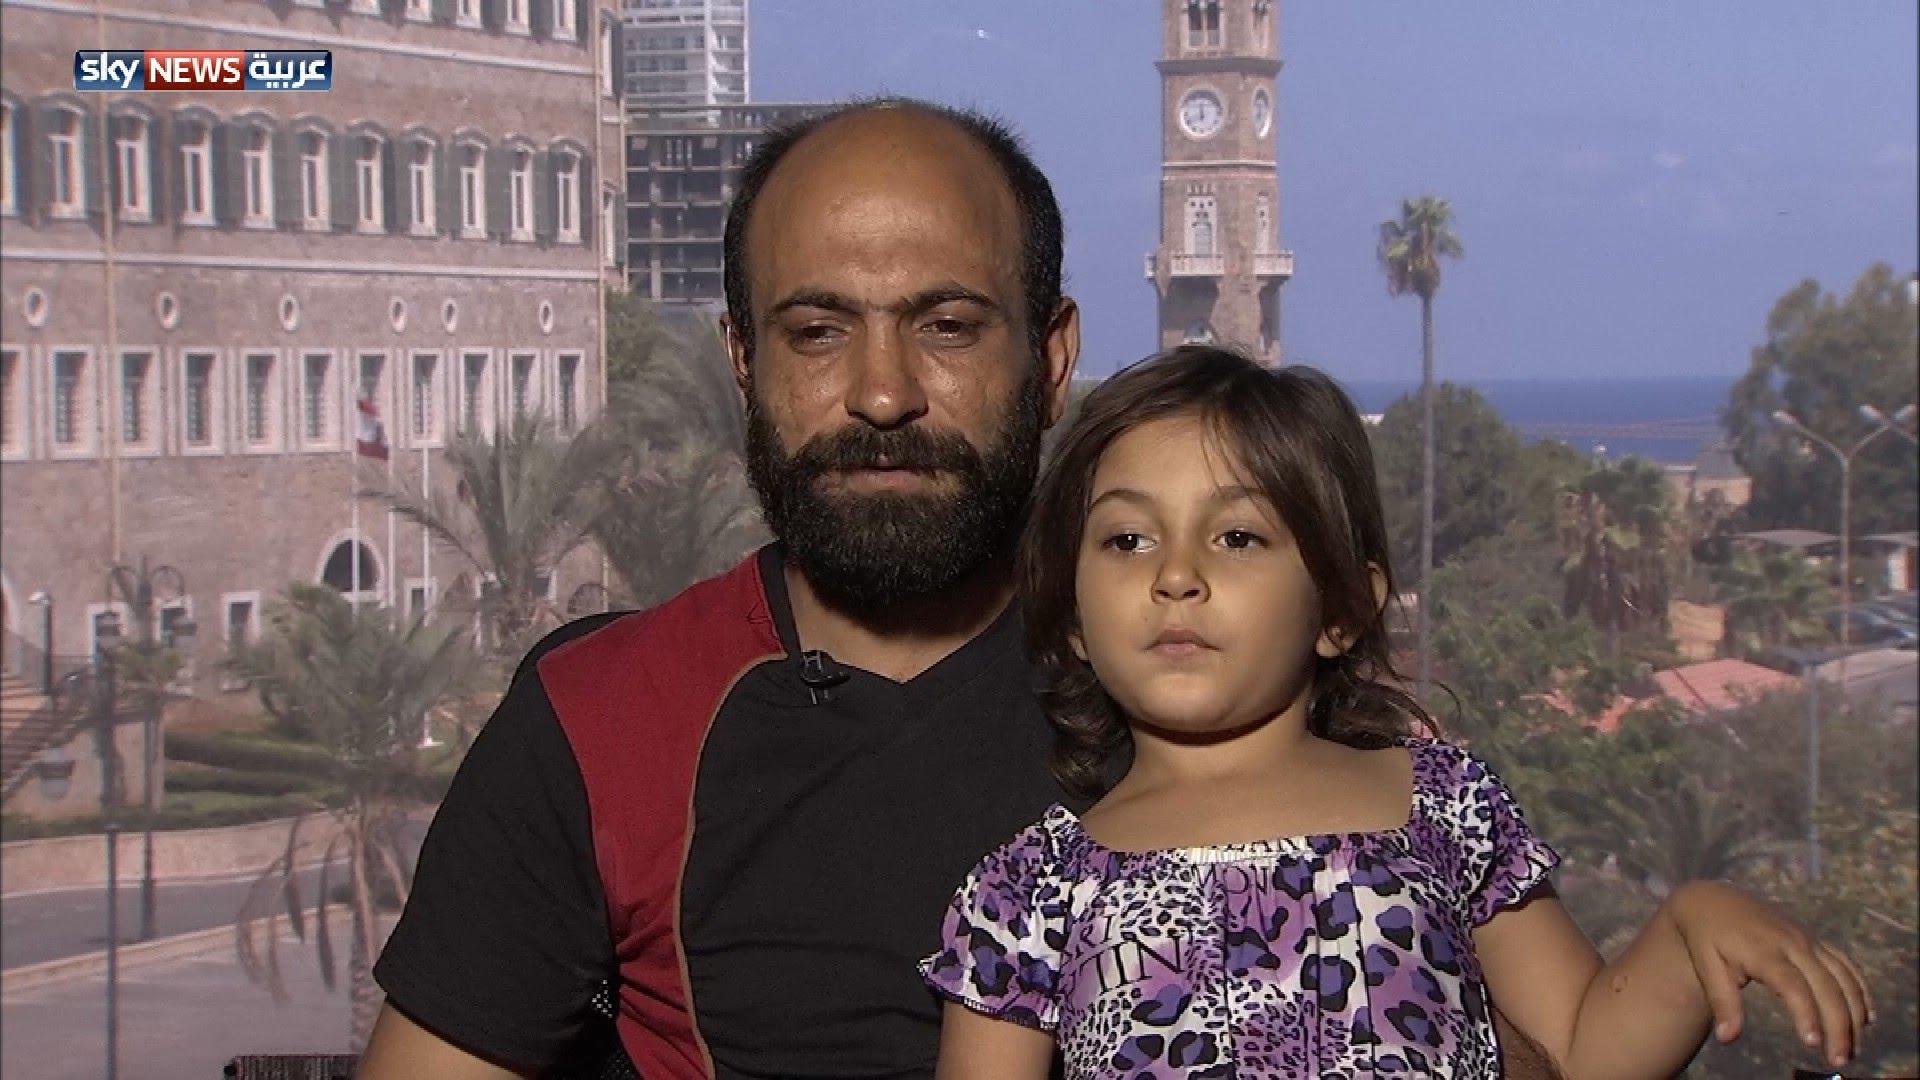 بائع الأقلام السوري الذي كسب تعاطف العالم